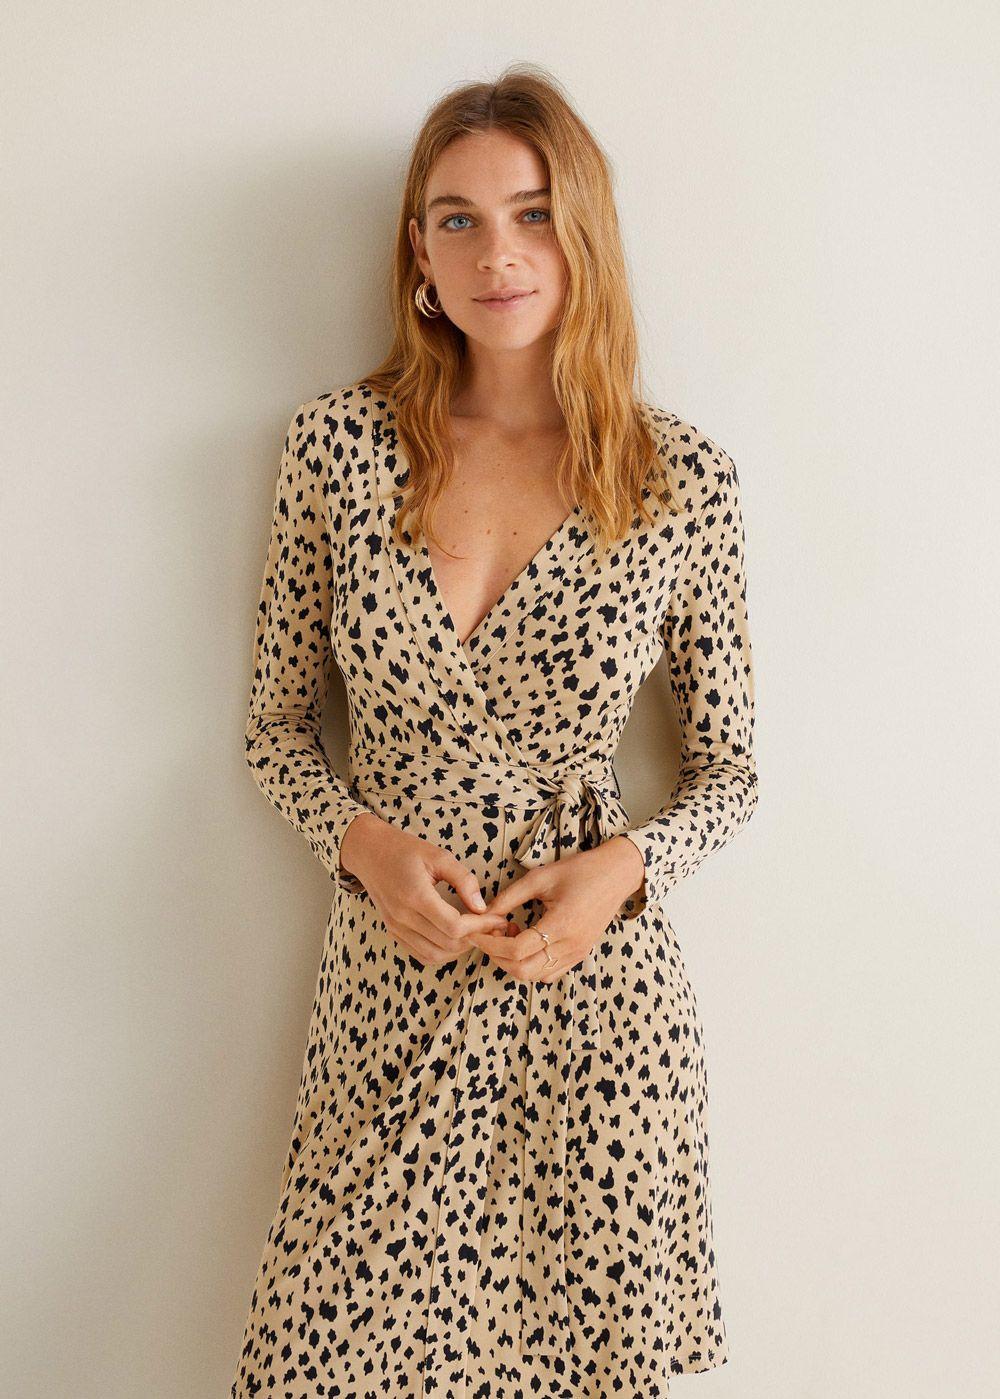 bdf9adc7679e Mini haljine za jesensku garderobu iz high street kolekcija. Mini haljine  za jesensku garderobu iz high street kolekcija Animal Print ...